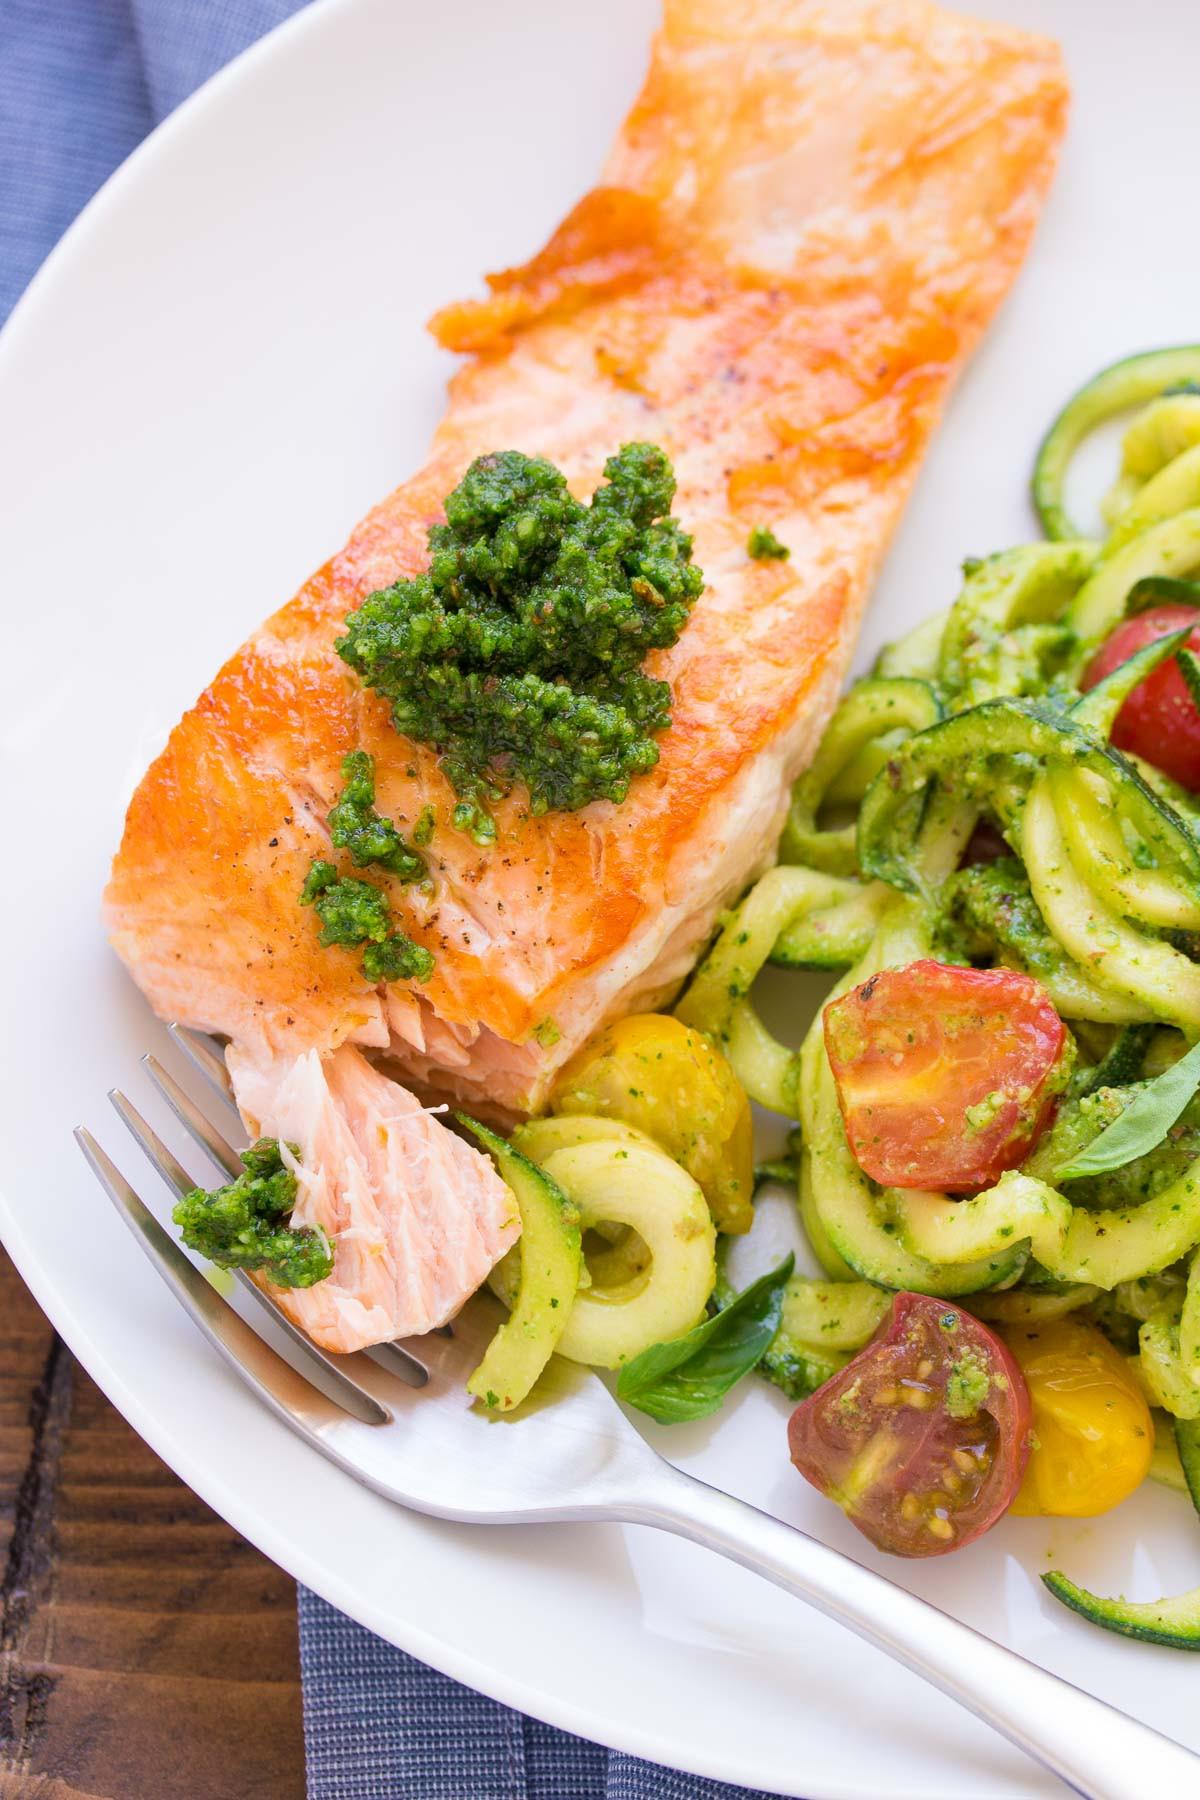 Healthy Salmon Dinner  Kale Pesto Zucchini Noodles and Salmon Kristine s Kitchen